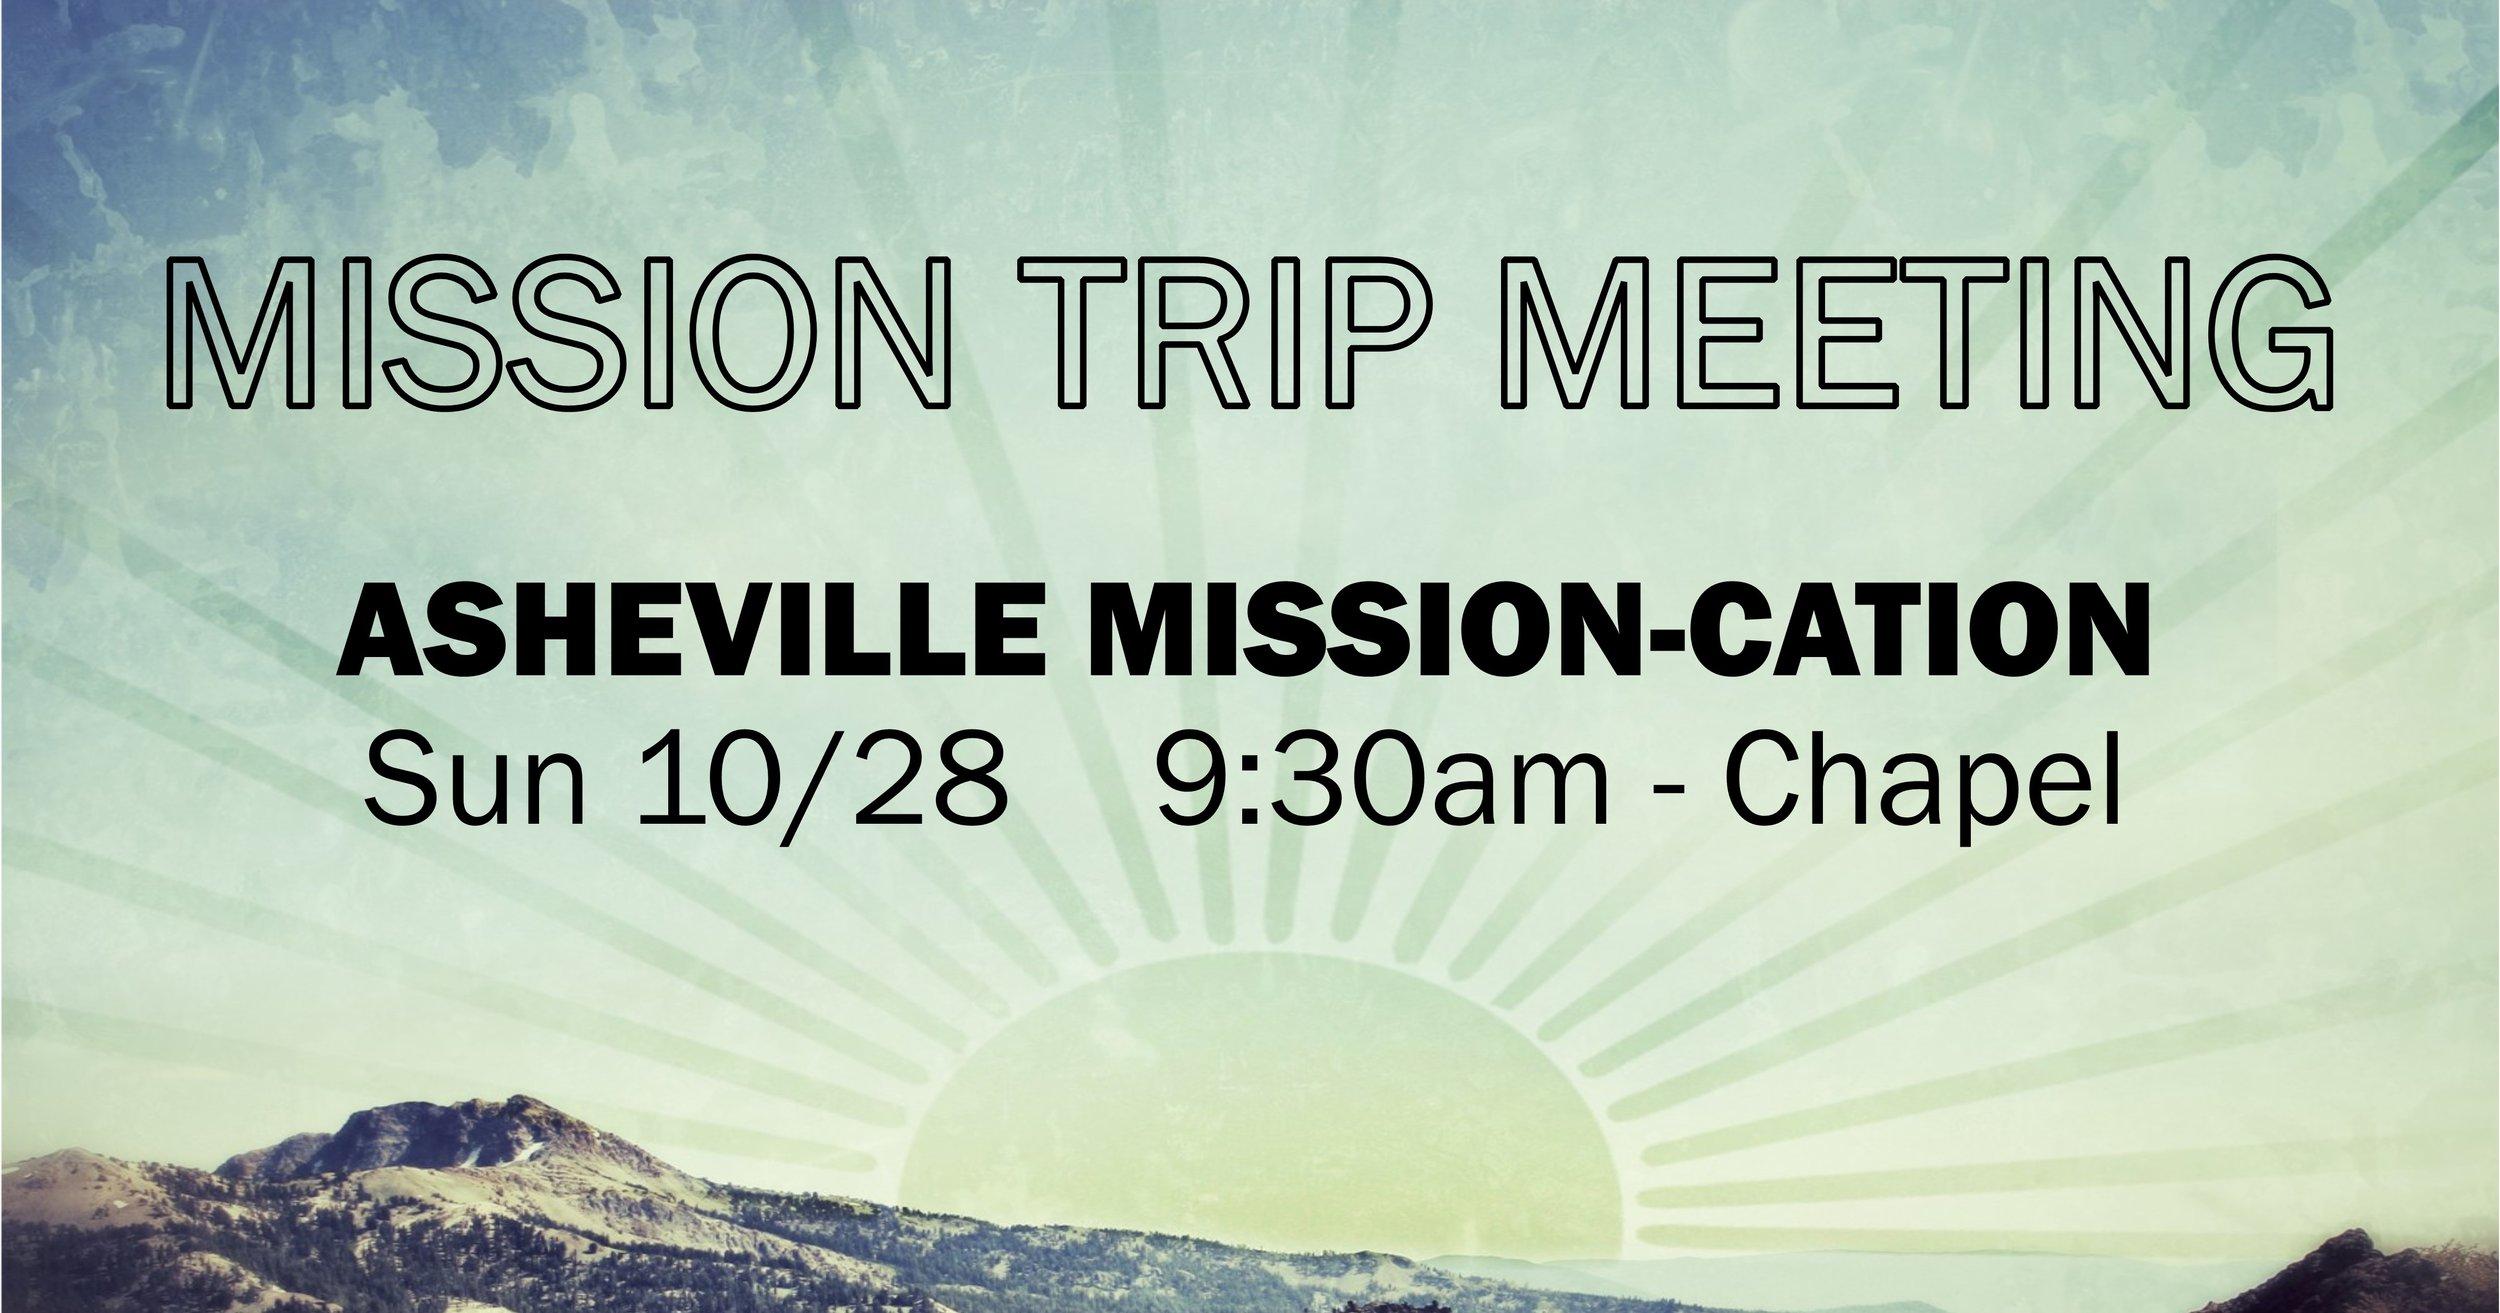 Mission Trip Mtgs asheville facebook link 102218.jpg